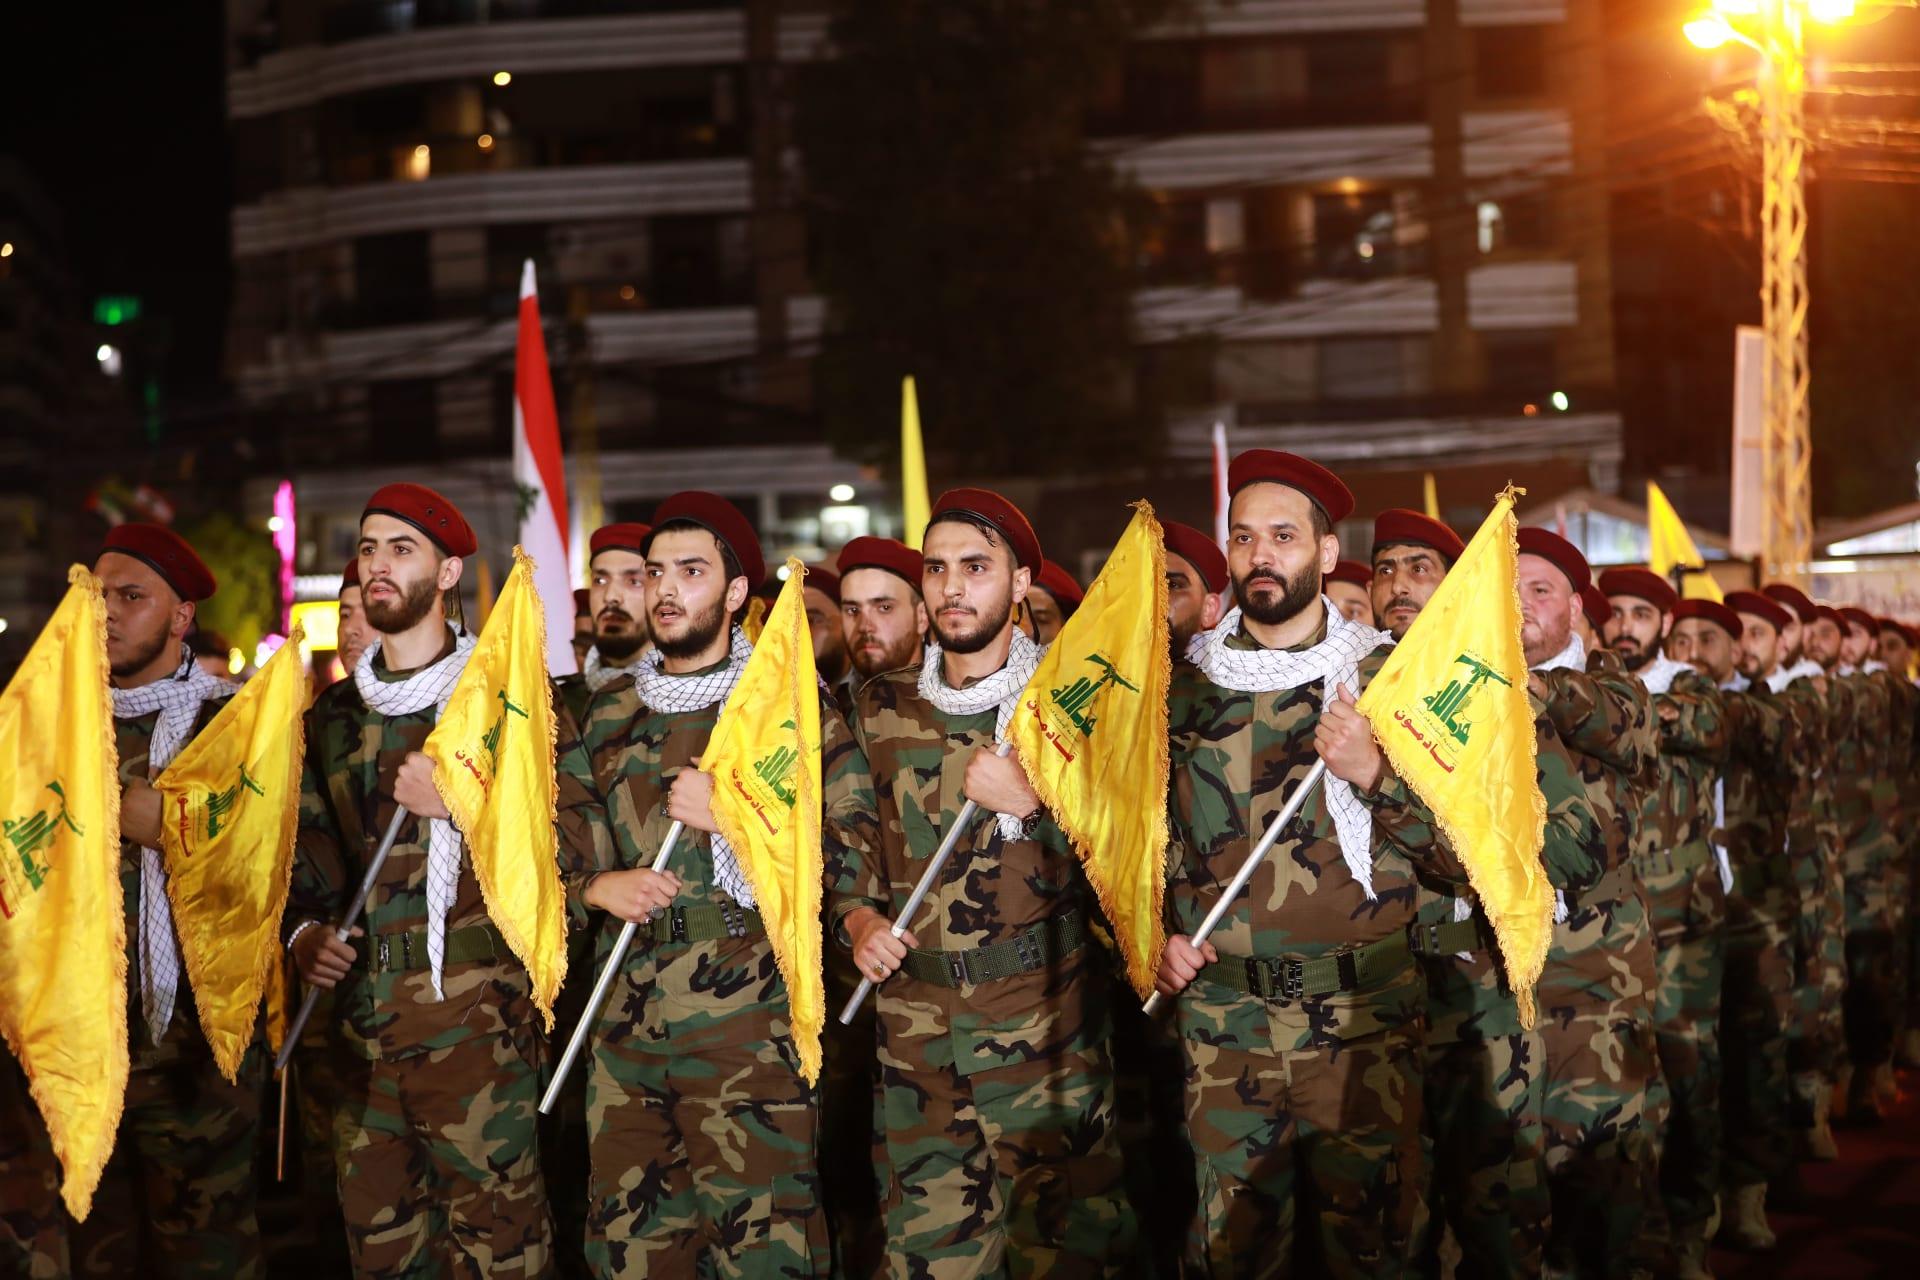 حزب الله يُكذب الرواية الإسرائيلية حول الاشتباك.. ويُهدد برد حتمي على مقتل أحد عناصره في سوريا